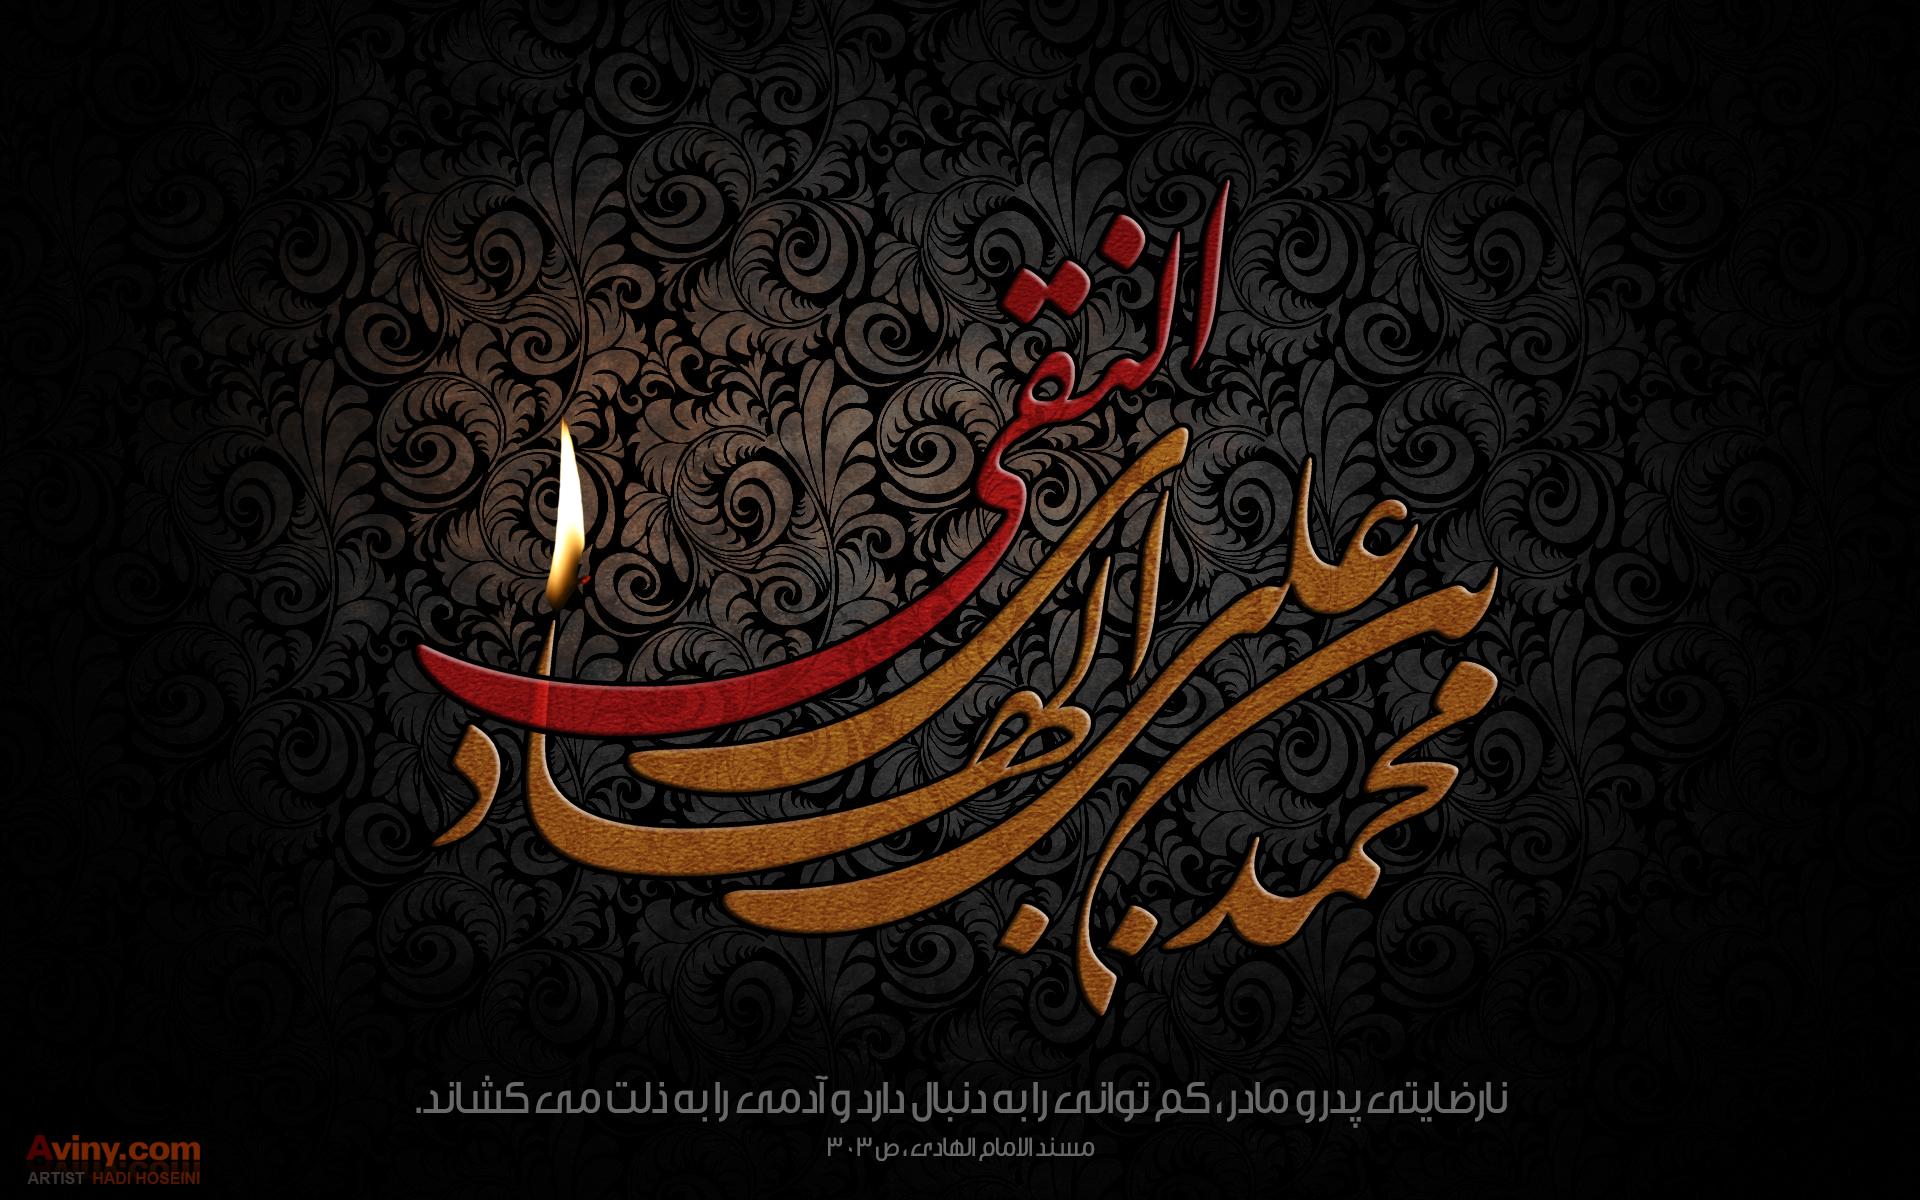 پوستر شهادت امام هادی (3)